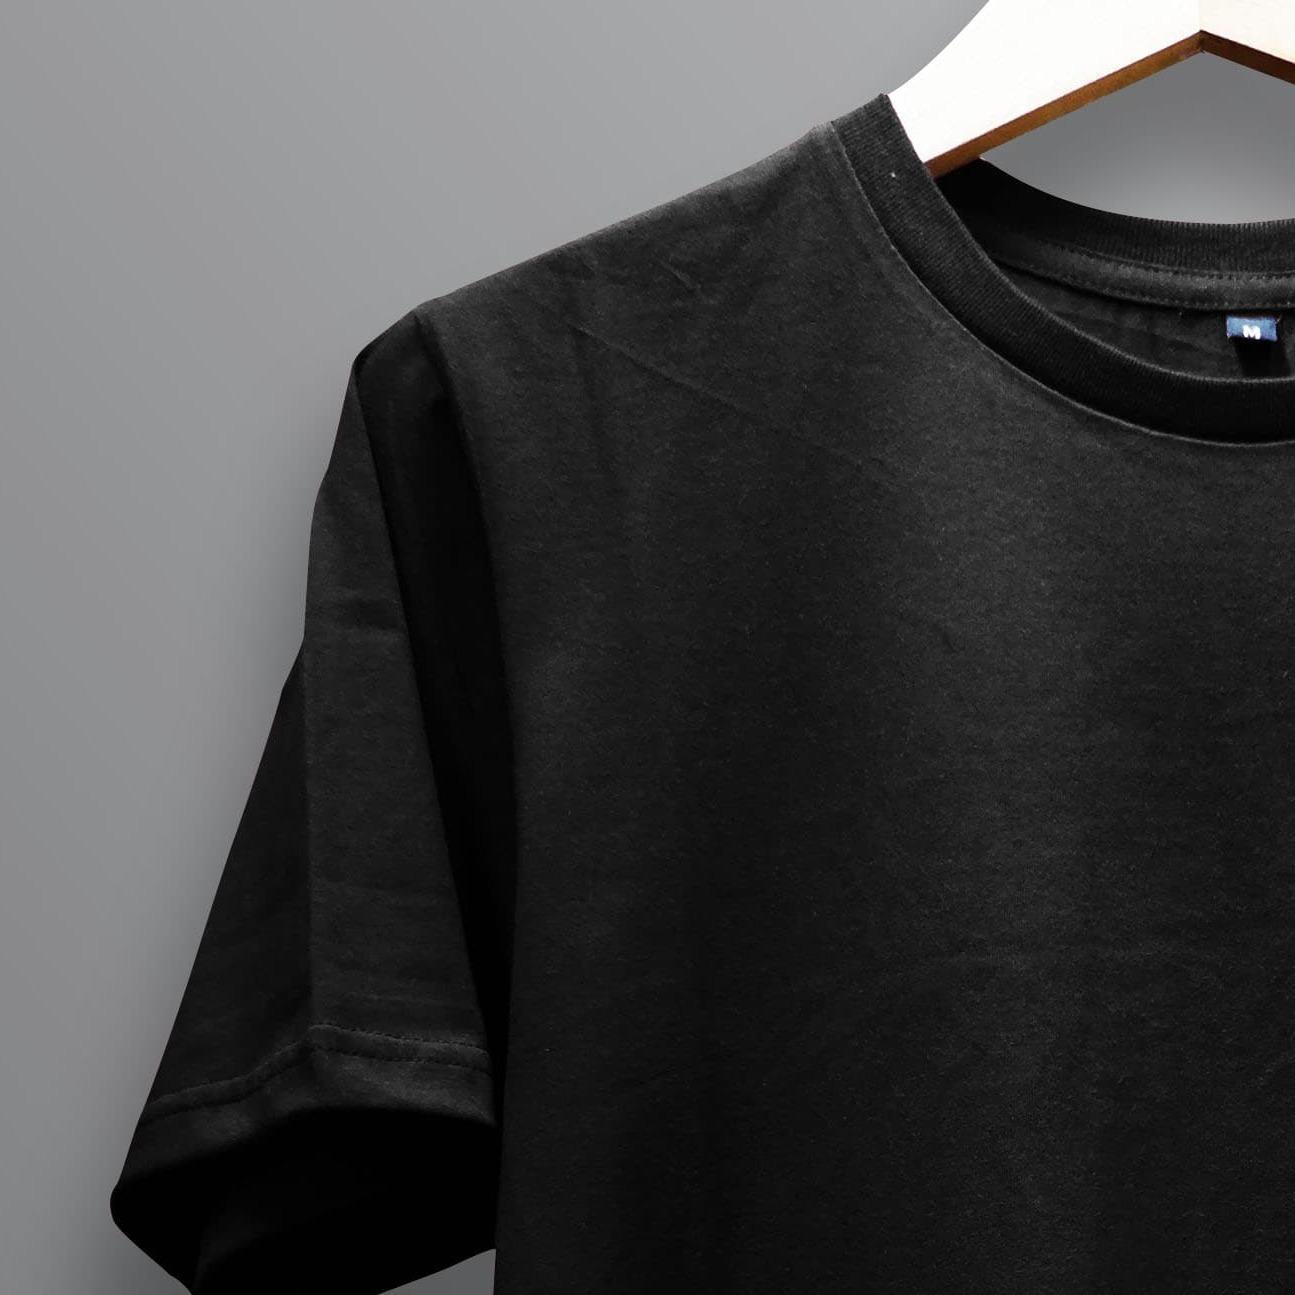 Kaos Polos ORIGINAL Premium HIGH QUALITY 100% Cotton Combed 30s